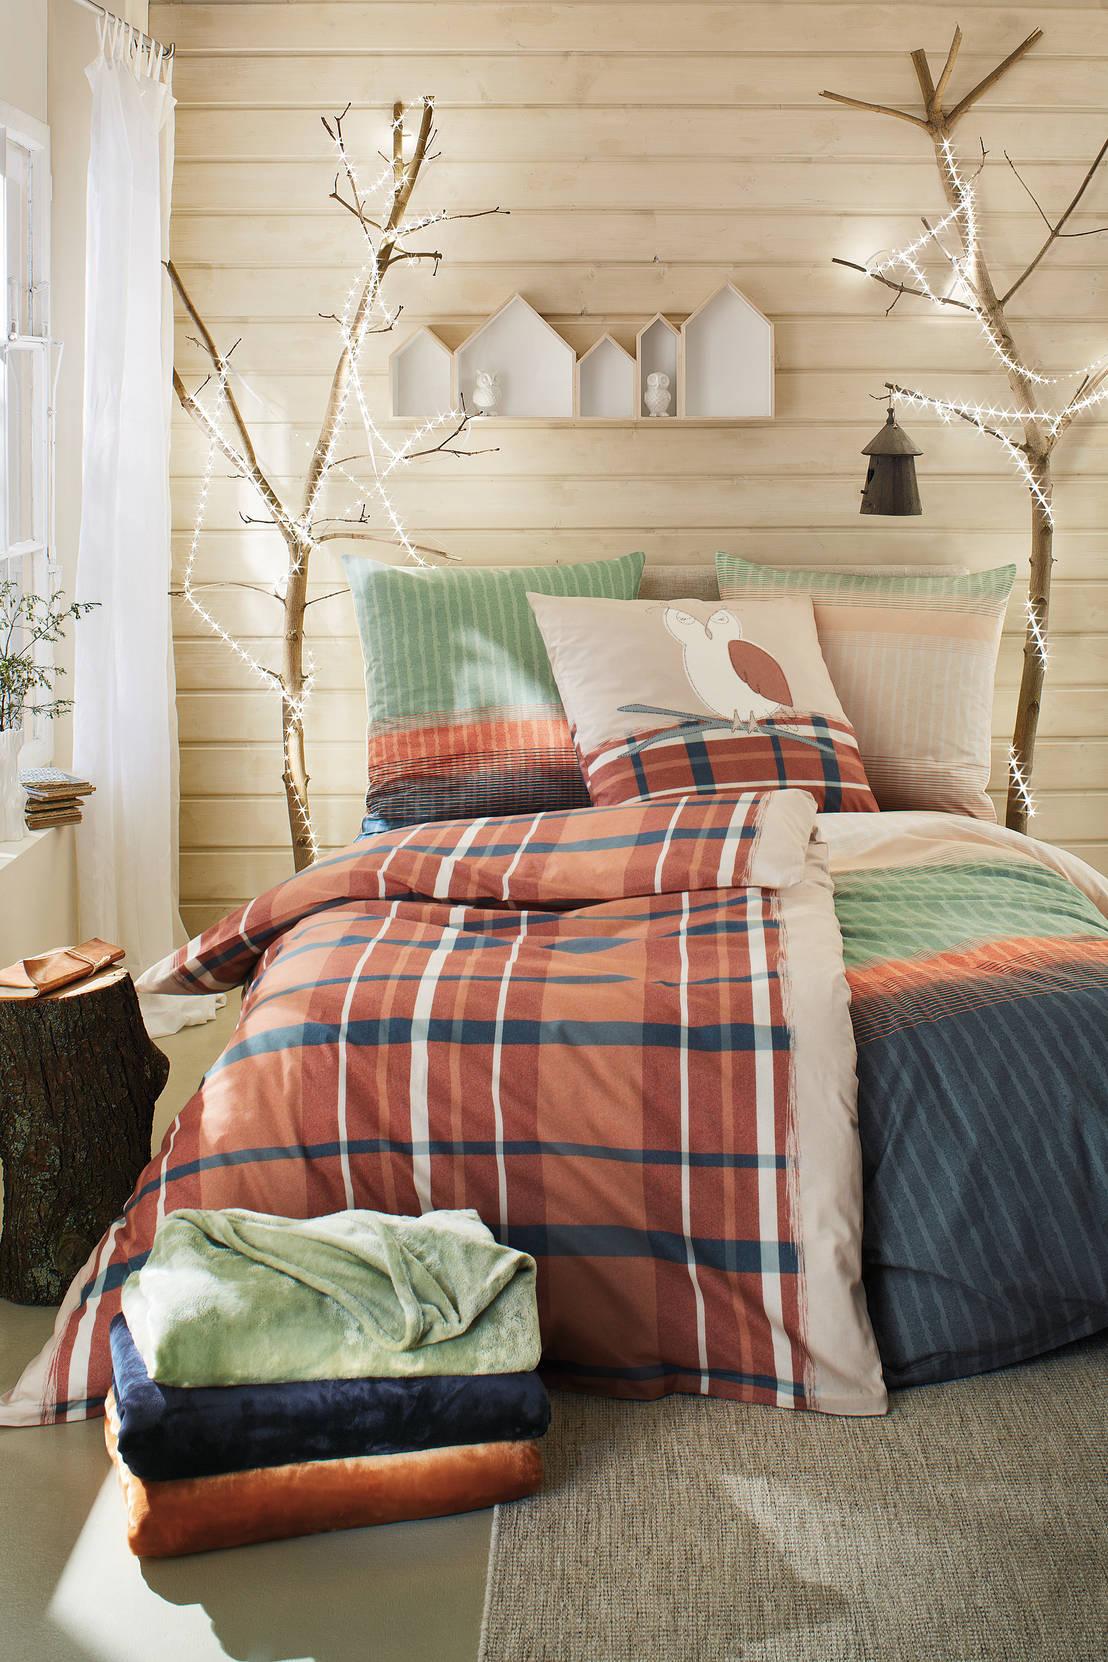 7 ideen f r die gem tliche einrichtung des schlafzimmers. Black Bedroom Furniture Sets. Home Design Ideas